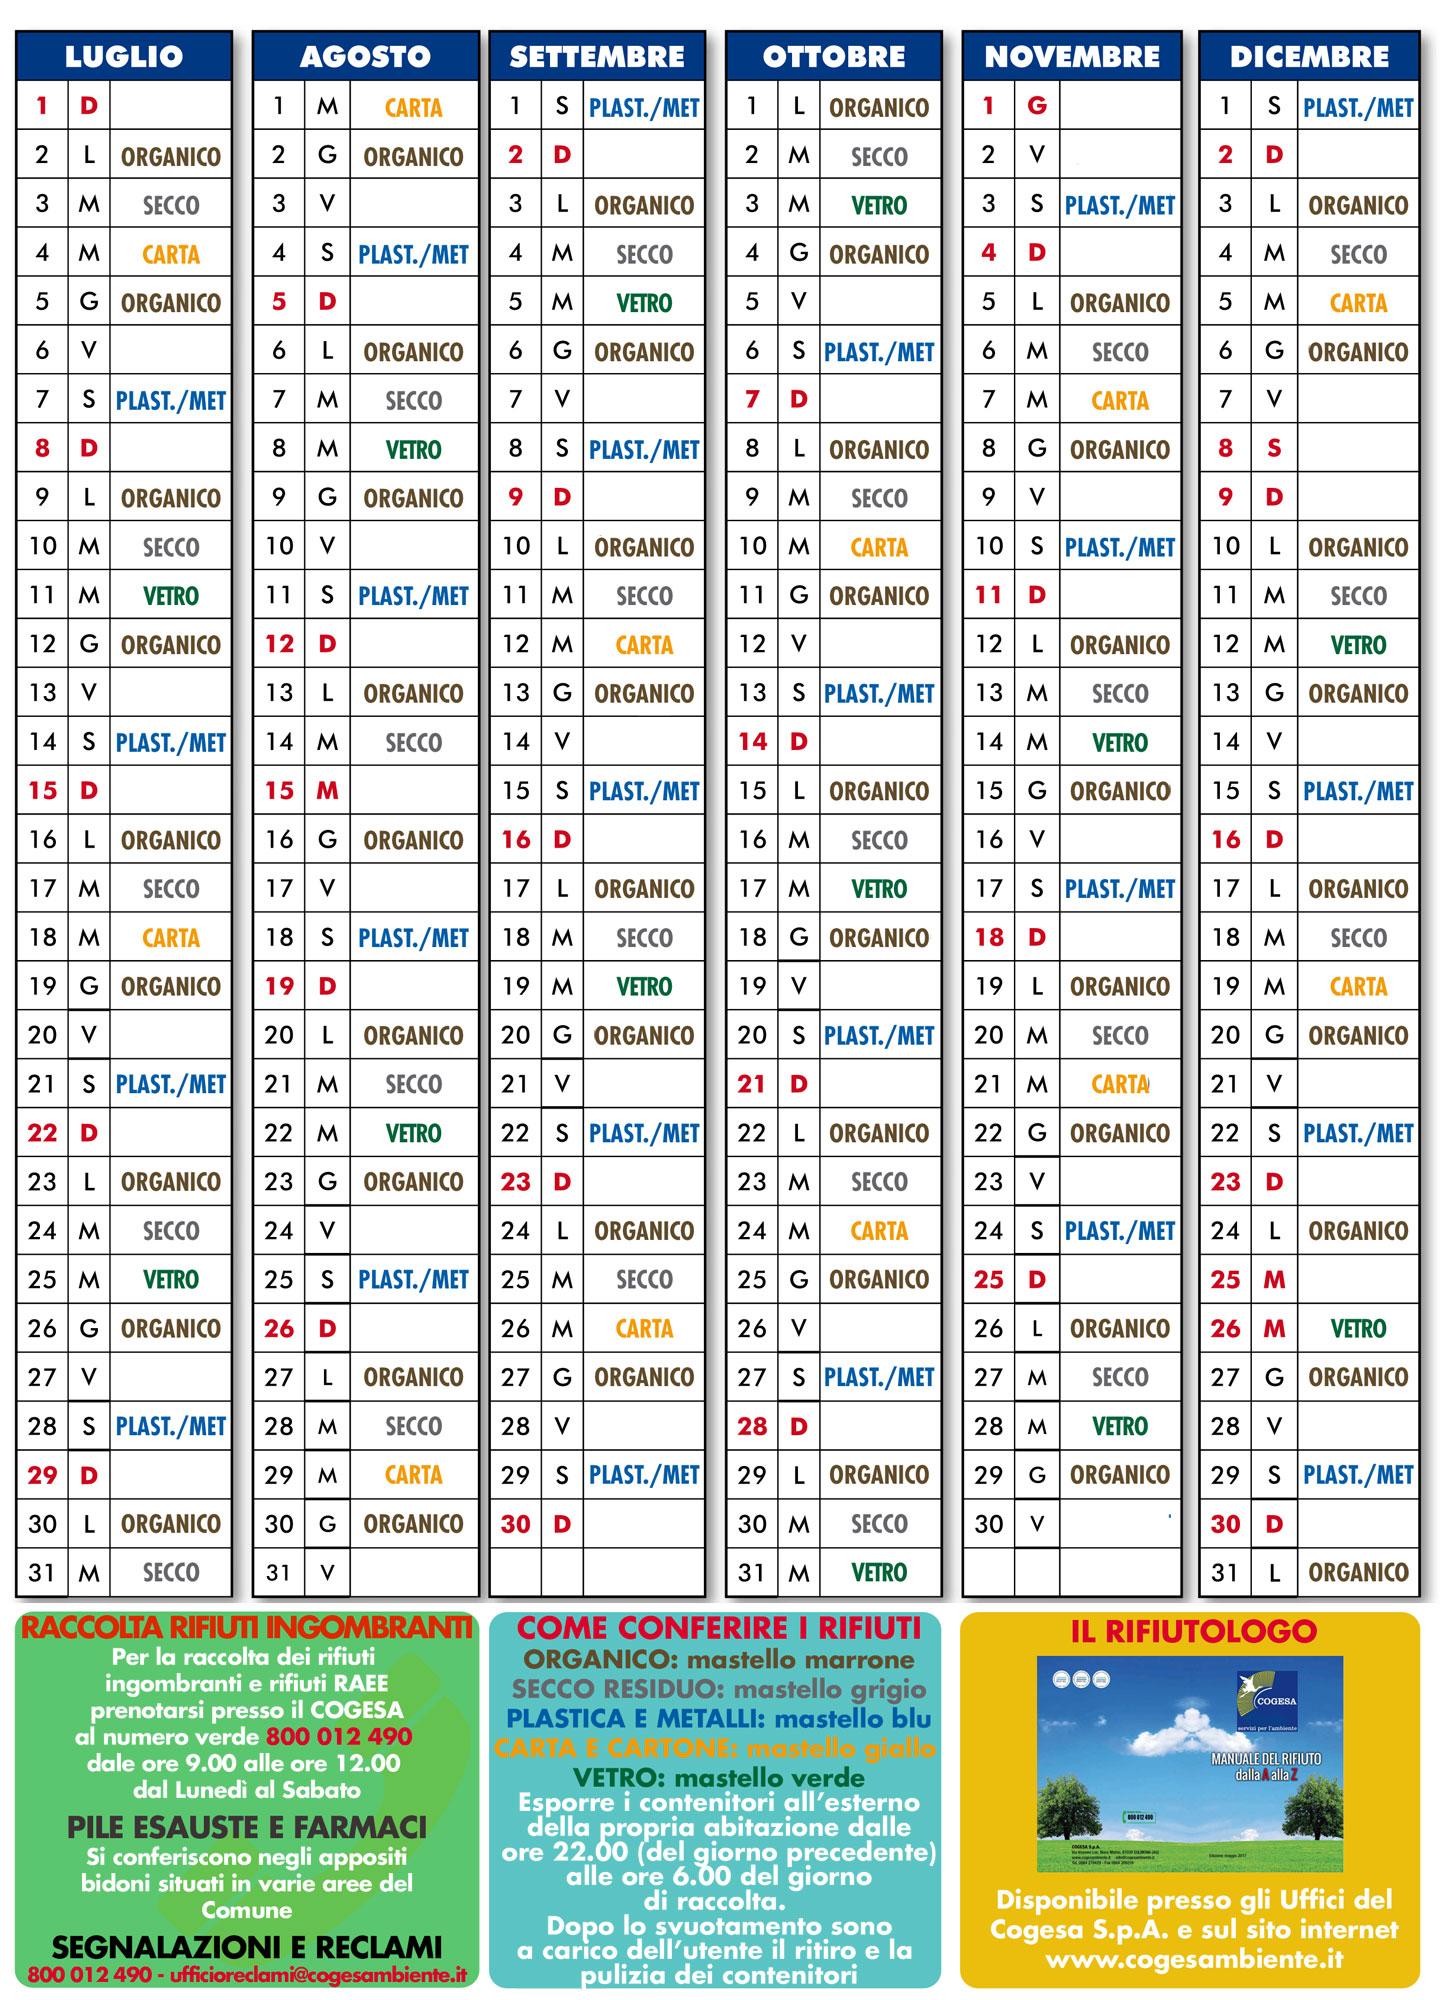 Calendario Raccolta Differenziata Rieti.Raccolta Differenziata Dei Rifiuti Calendario 2018